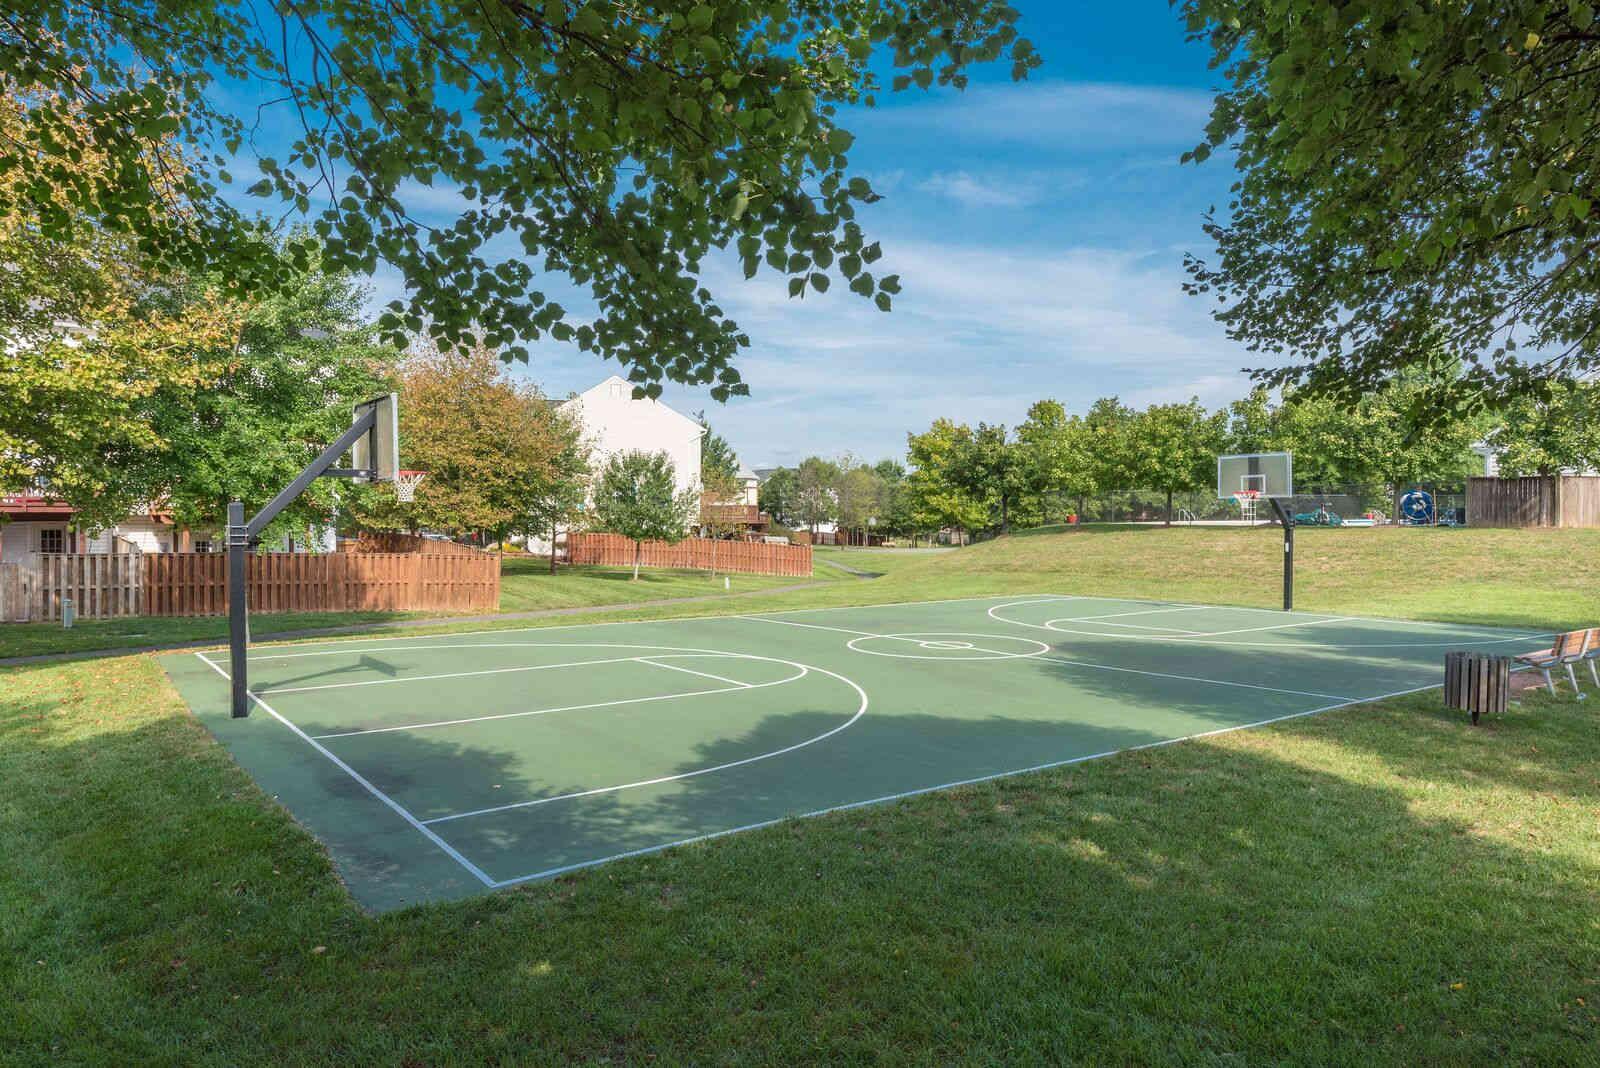 Basketball court at Carisbrooke HOA